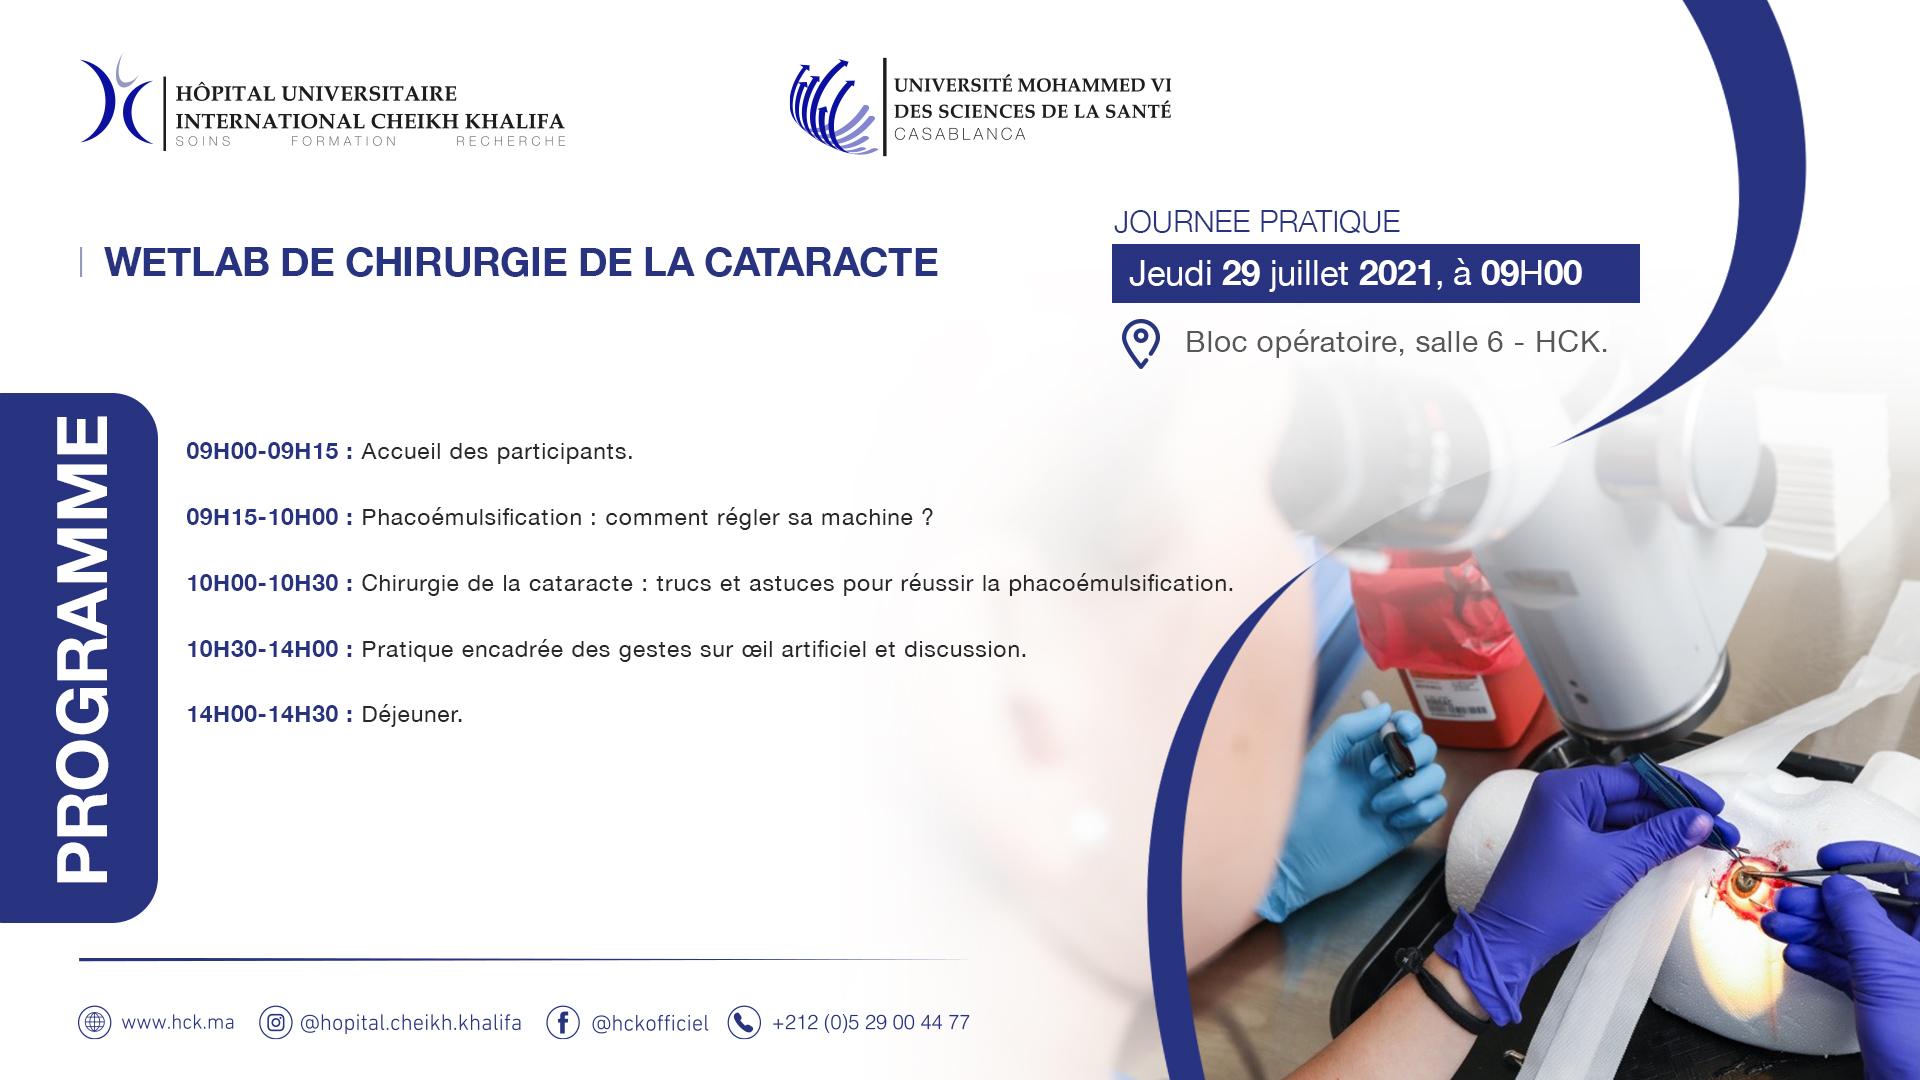 Programme_-_WETLAB_DE_CHIRURGIE_DE_LA_CATARACTE_29_juillet_2021